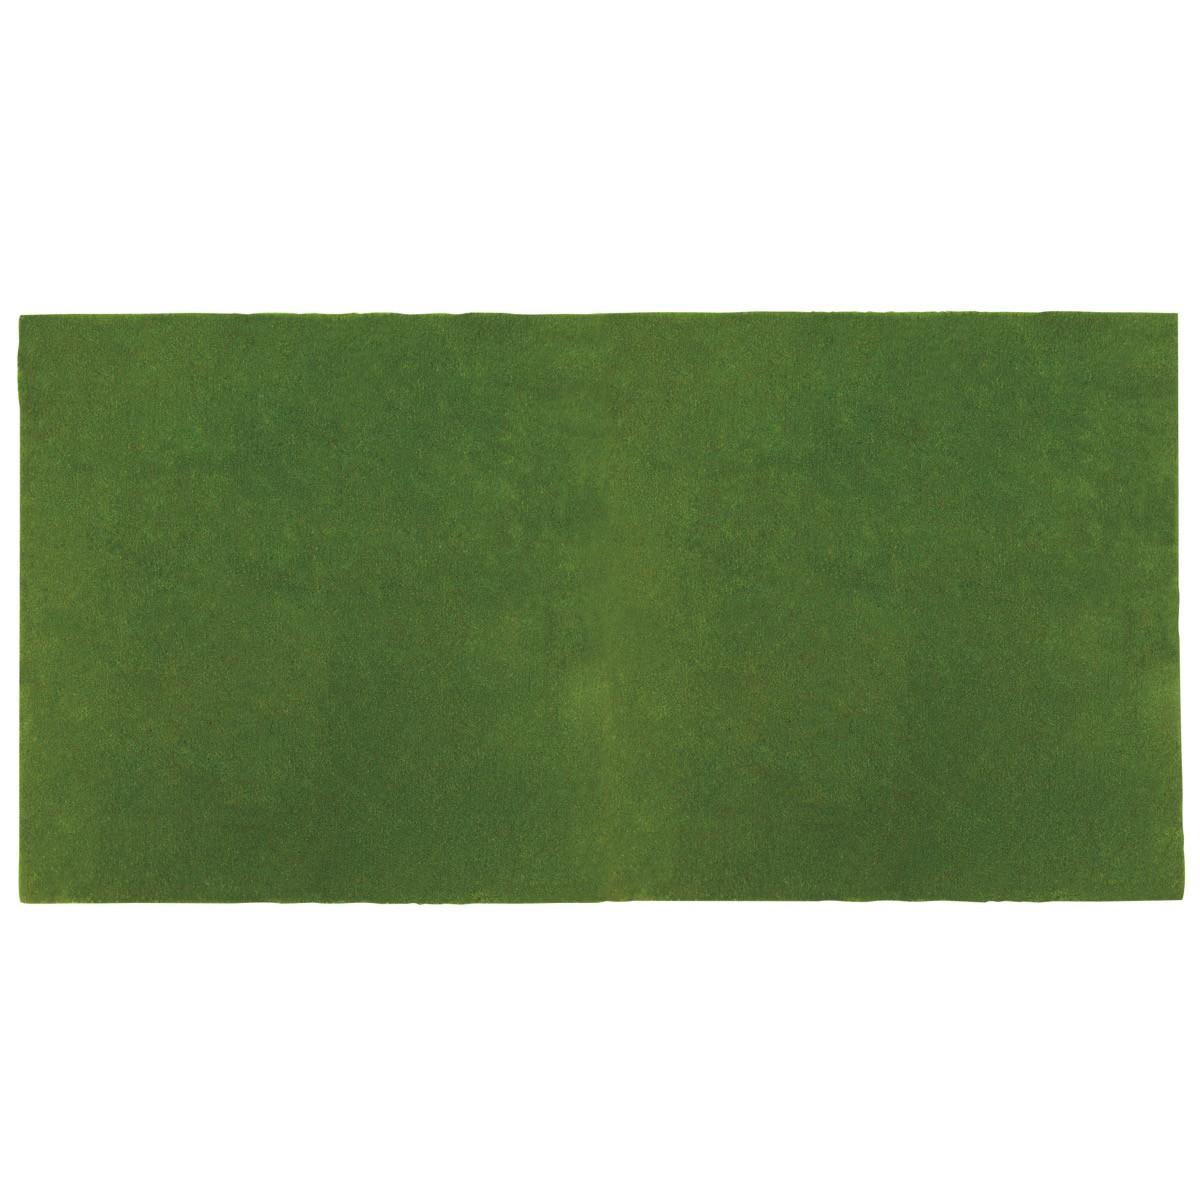 人工観葉植物 フェイクグリーン 観葉植物 造花 モスマット フラット 200×100cm インテリア おしゃれ フェイク グリーン CT触媒 消臭 抗菌